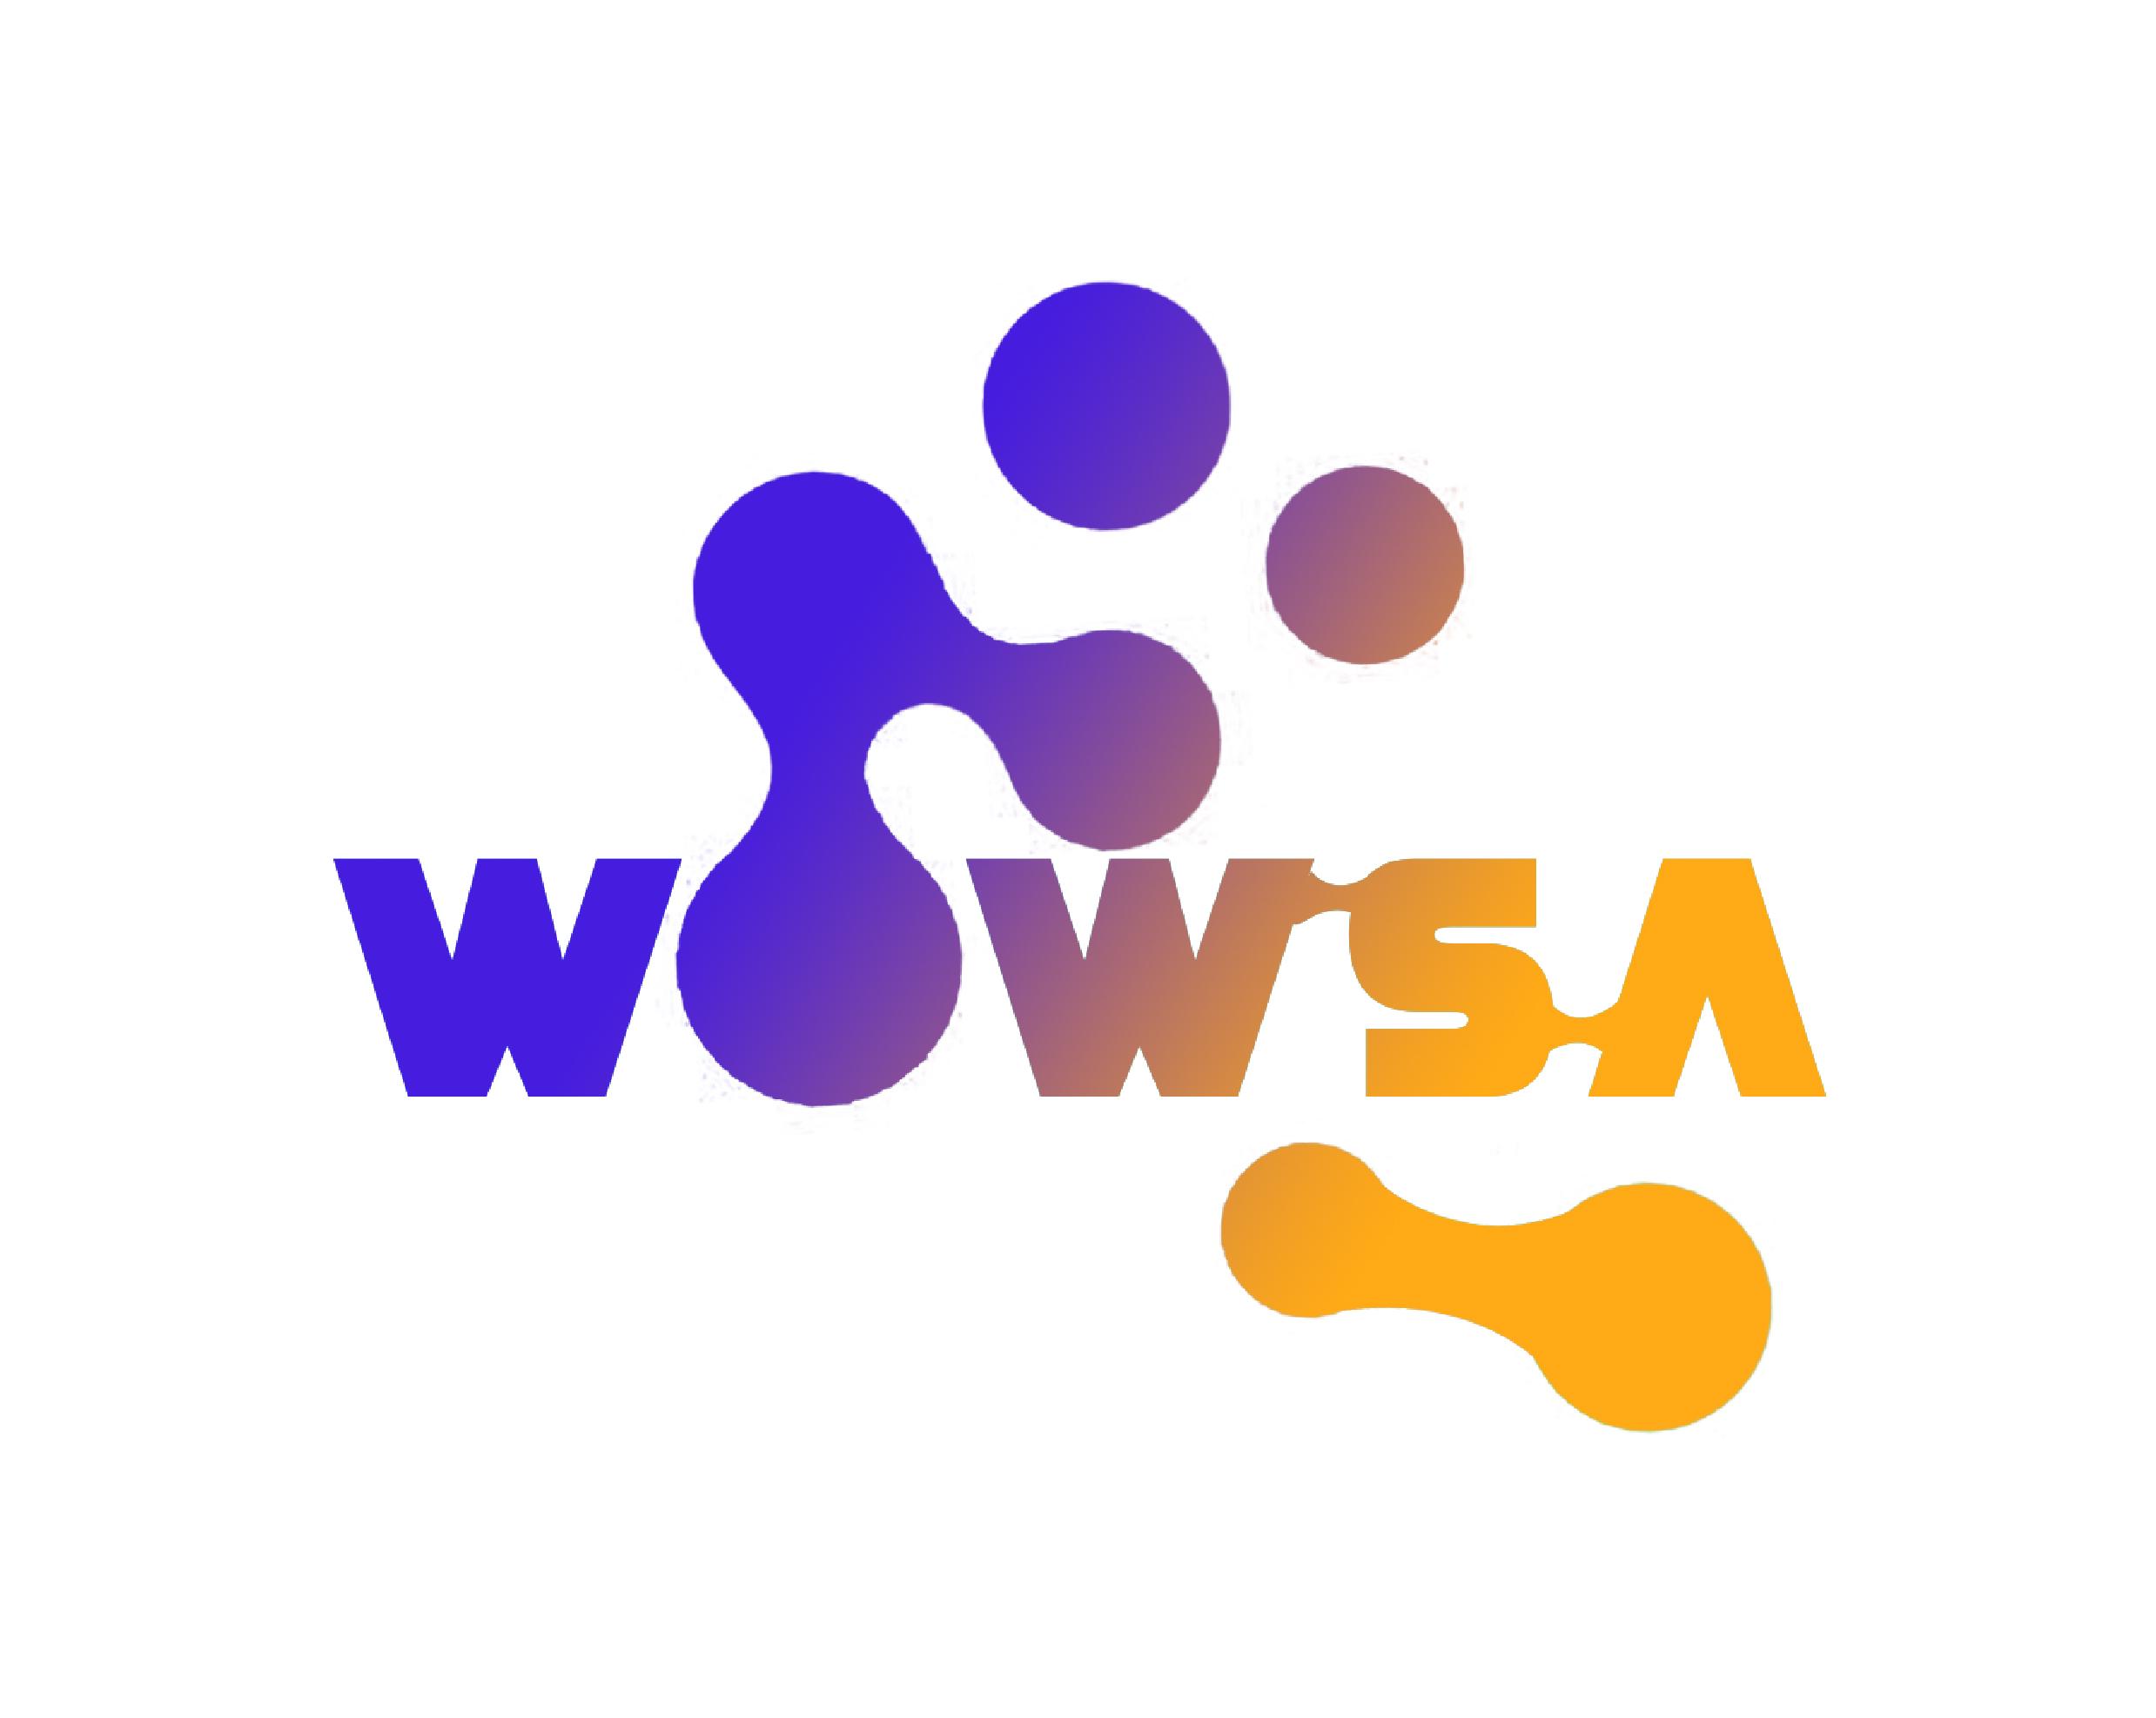 Começou o projeto WOWSA!